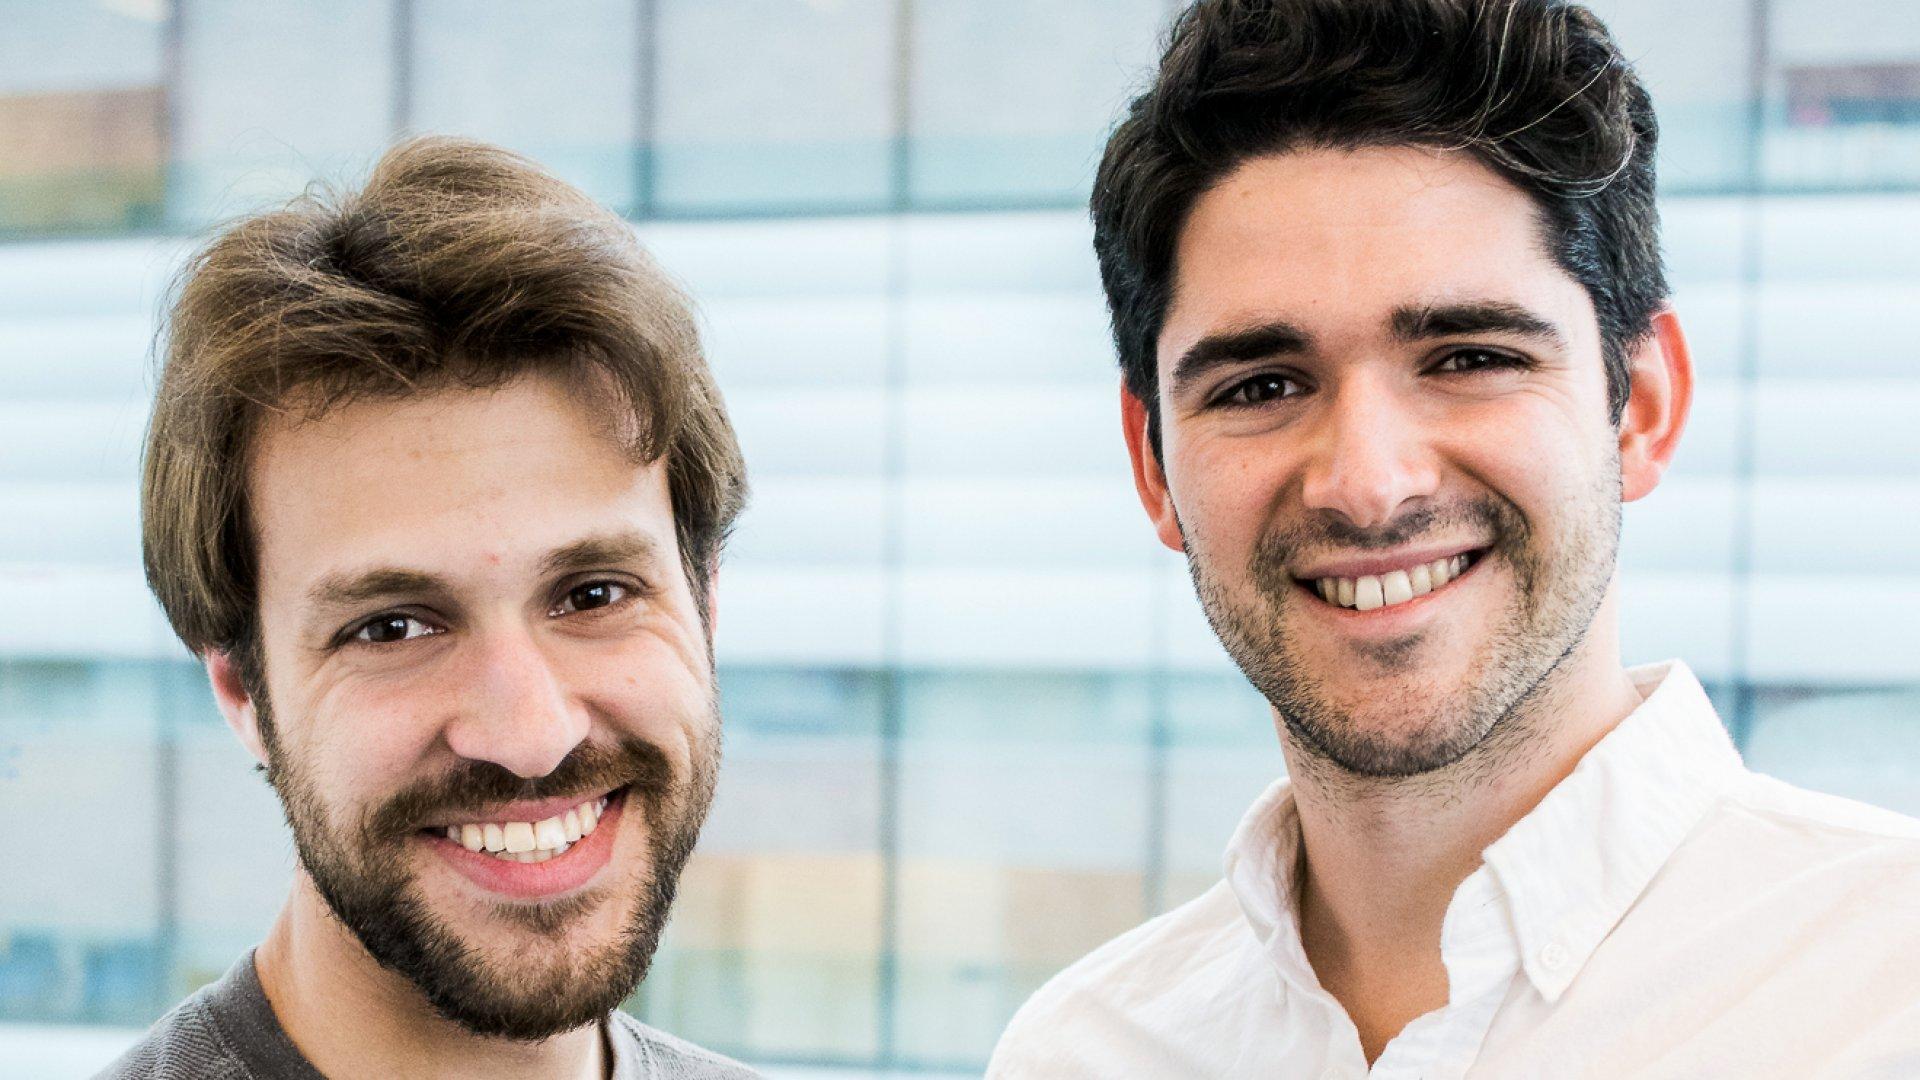 Ricardo Solorzano and Danny Cabrera.